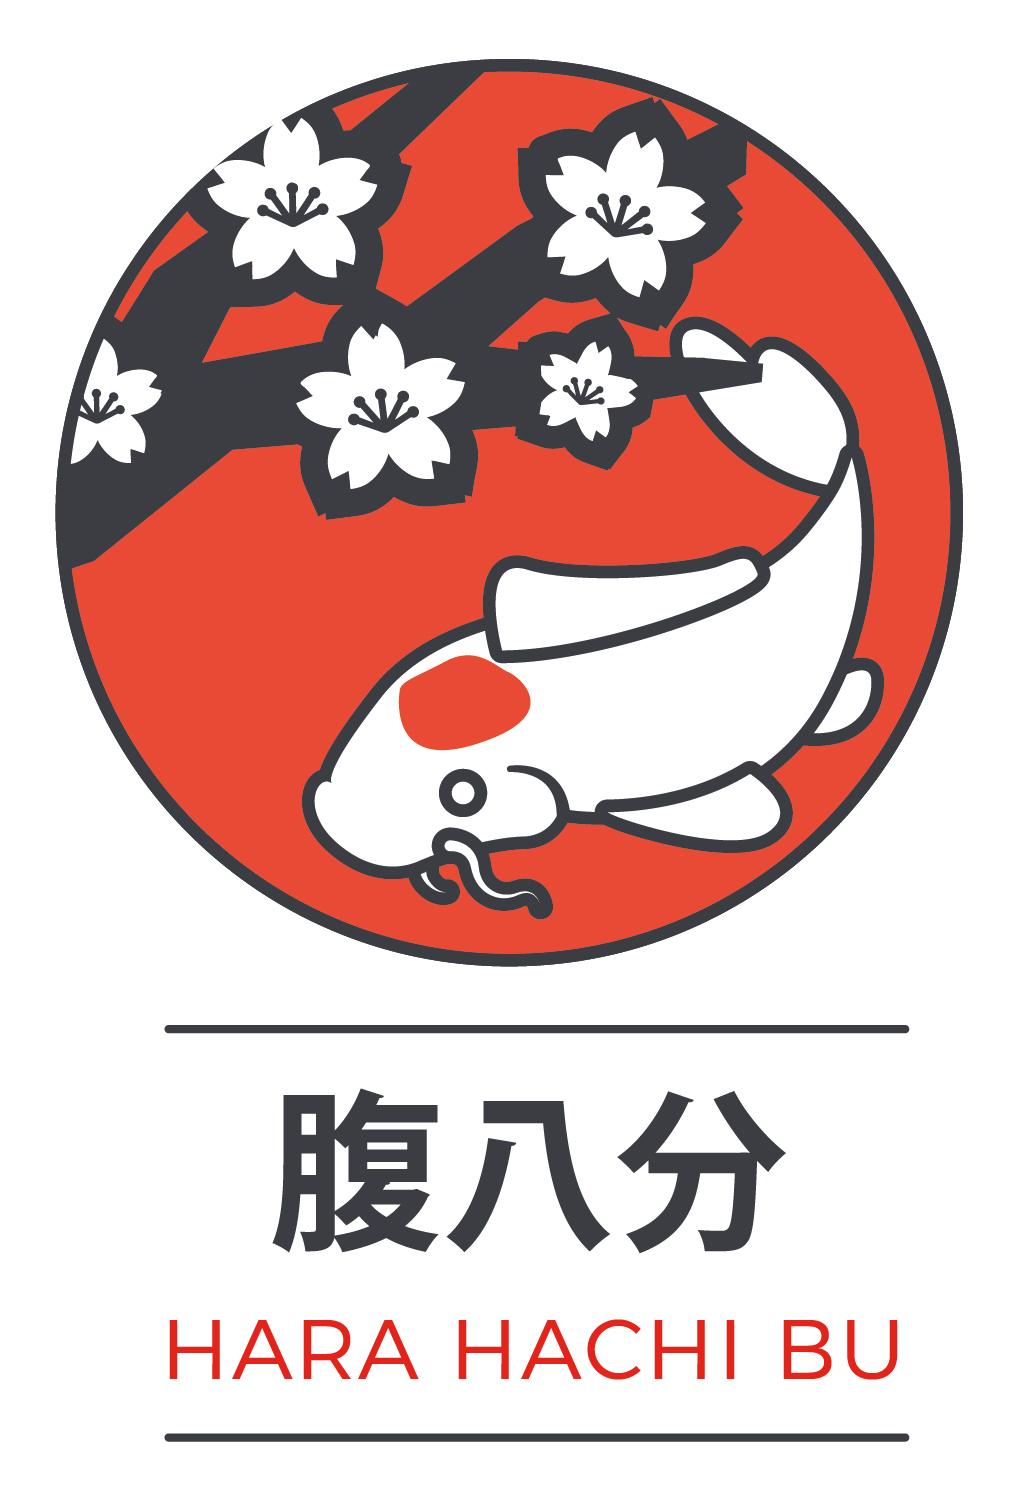 Hara Hachi Bu Tour Japan follow England